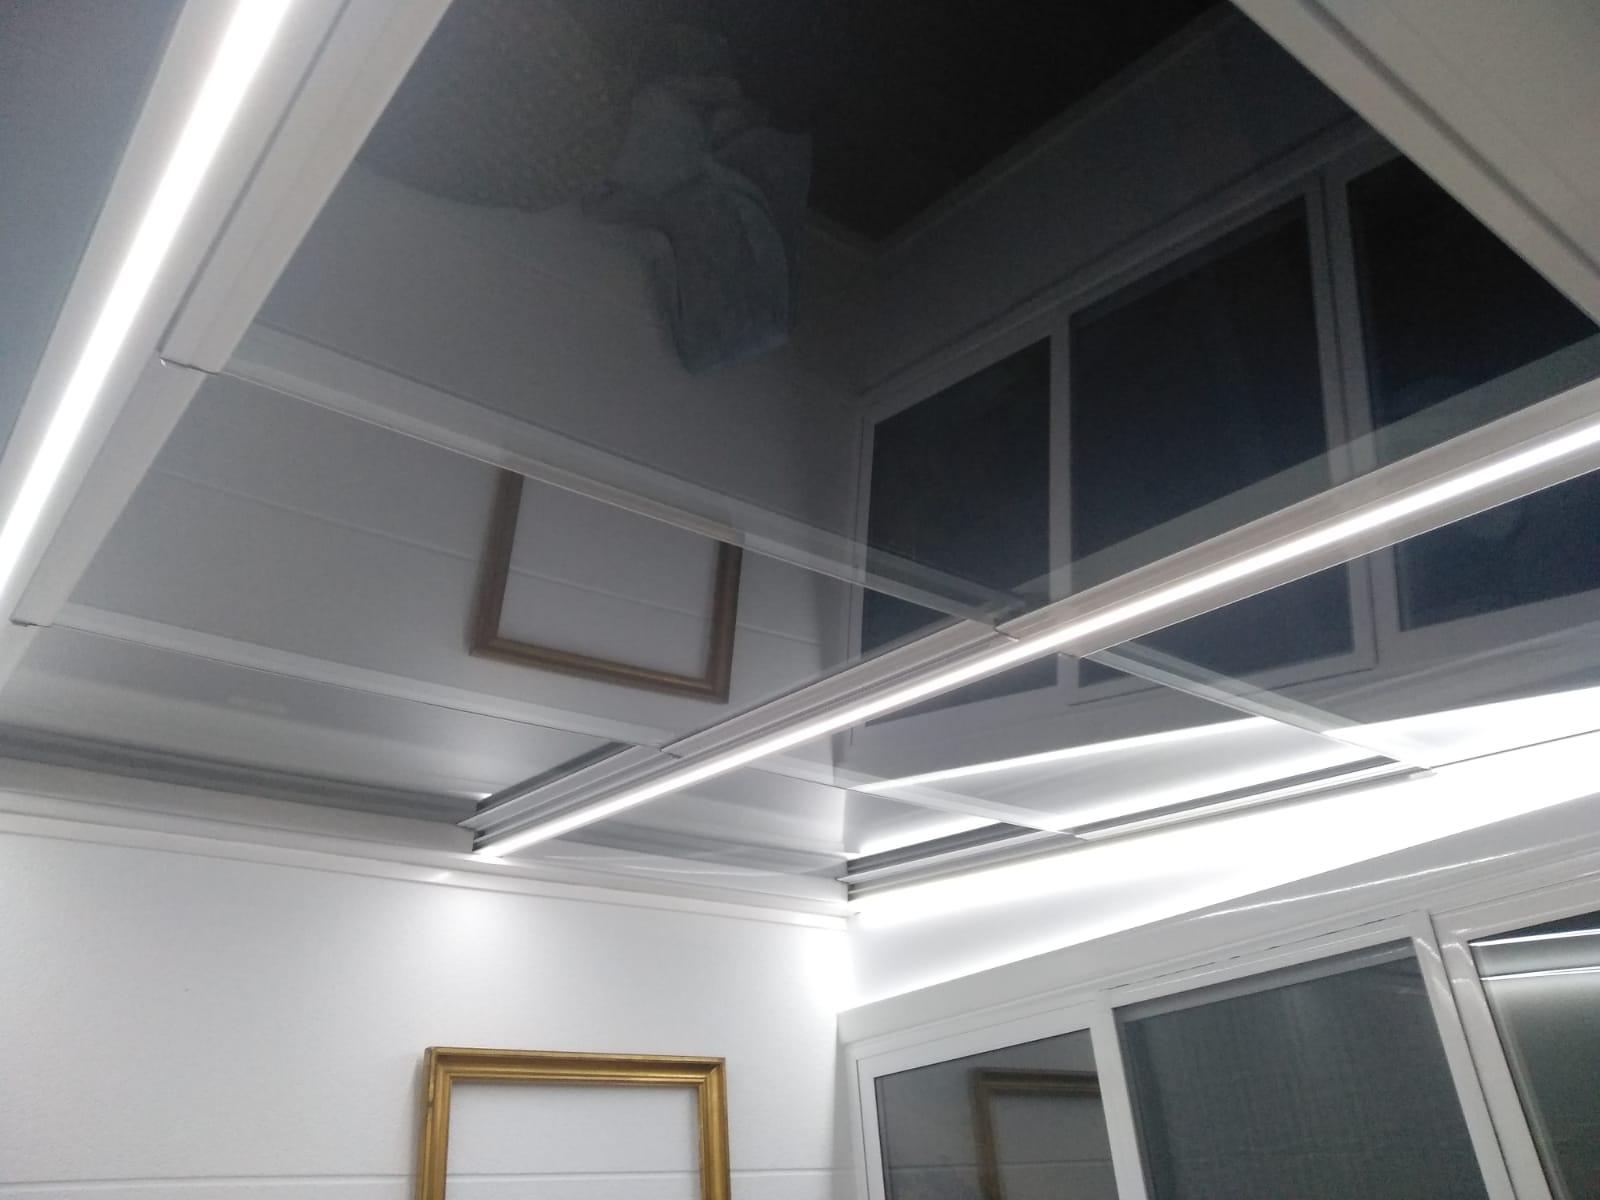 Instalación techo móvil y fijo de cristal. Zaragoza